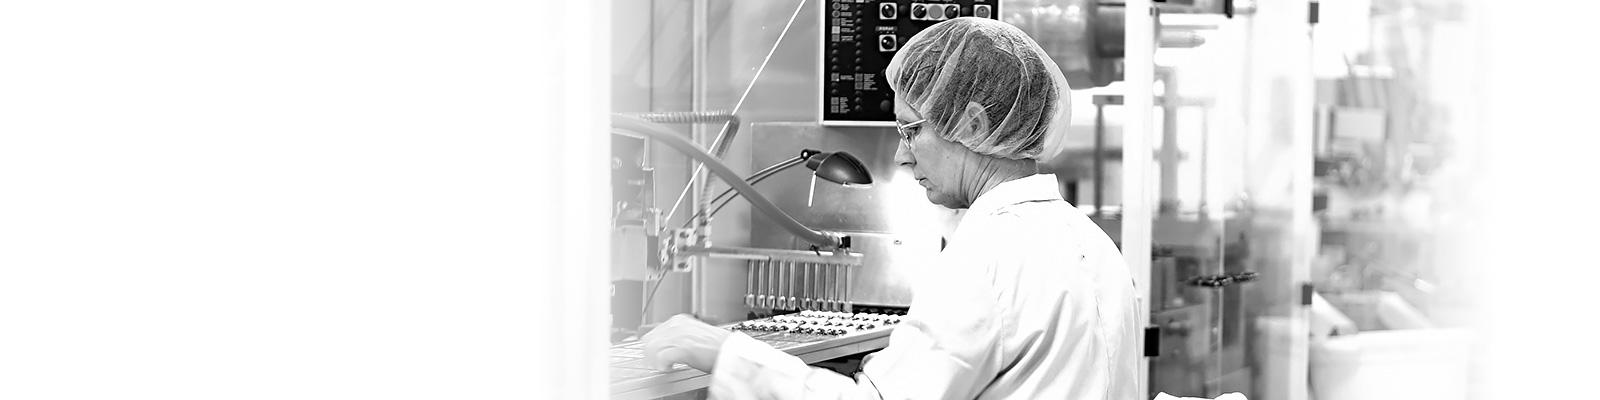 製薬 研究 技術 イメージ